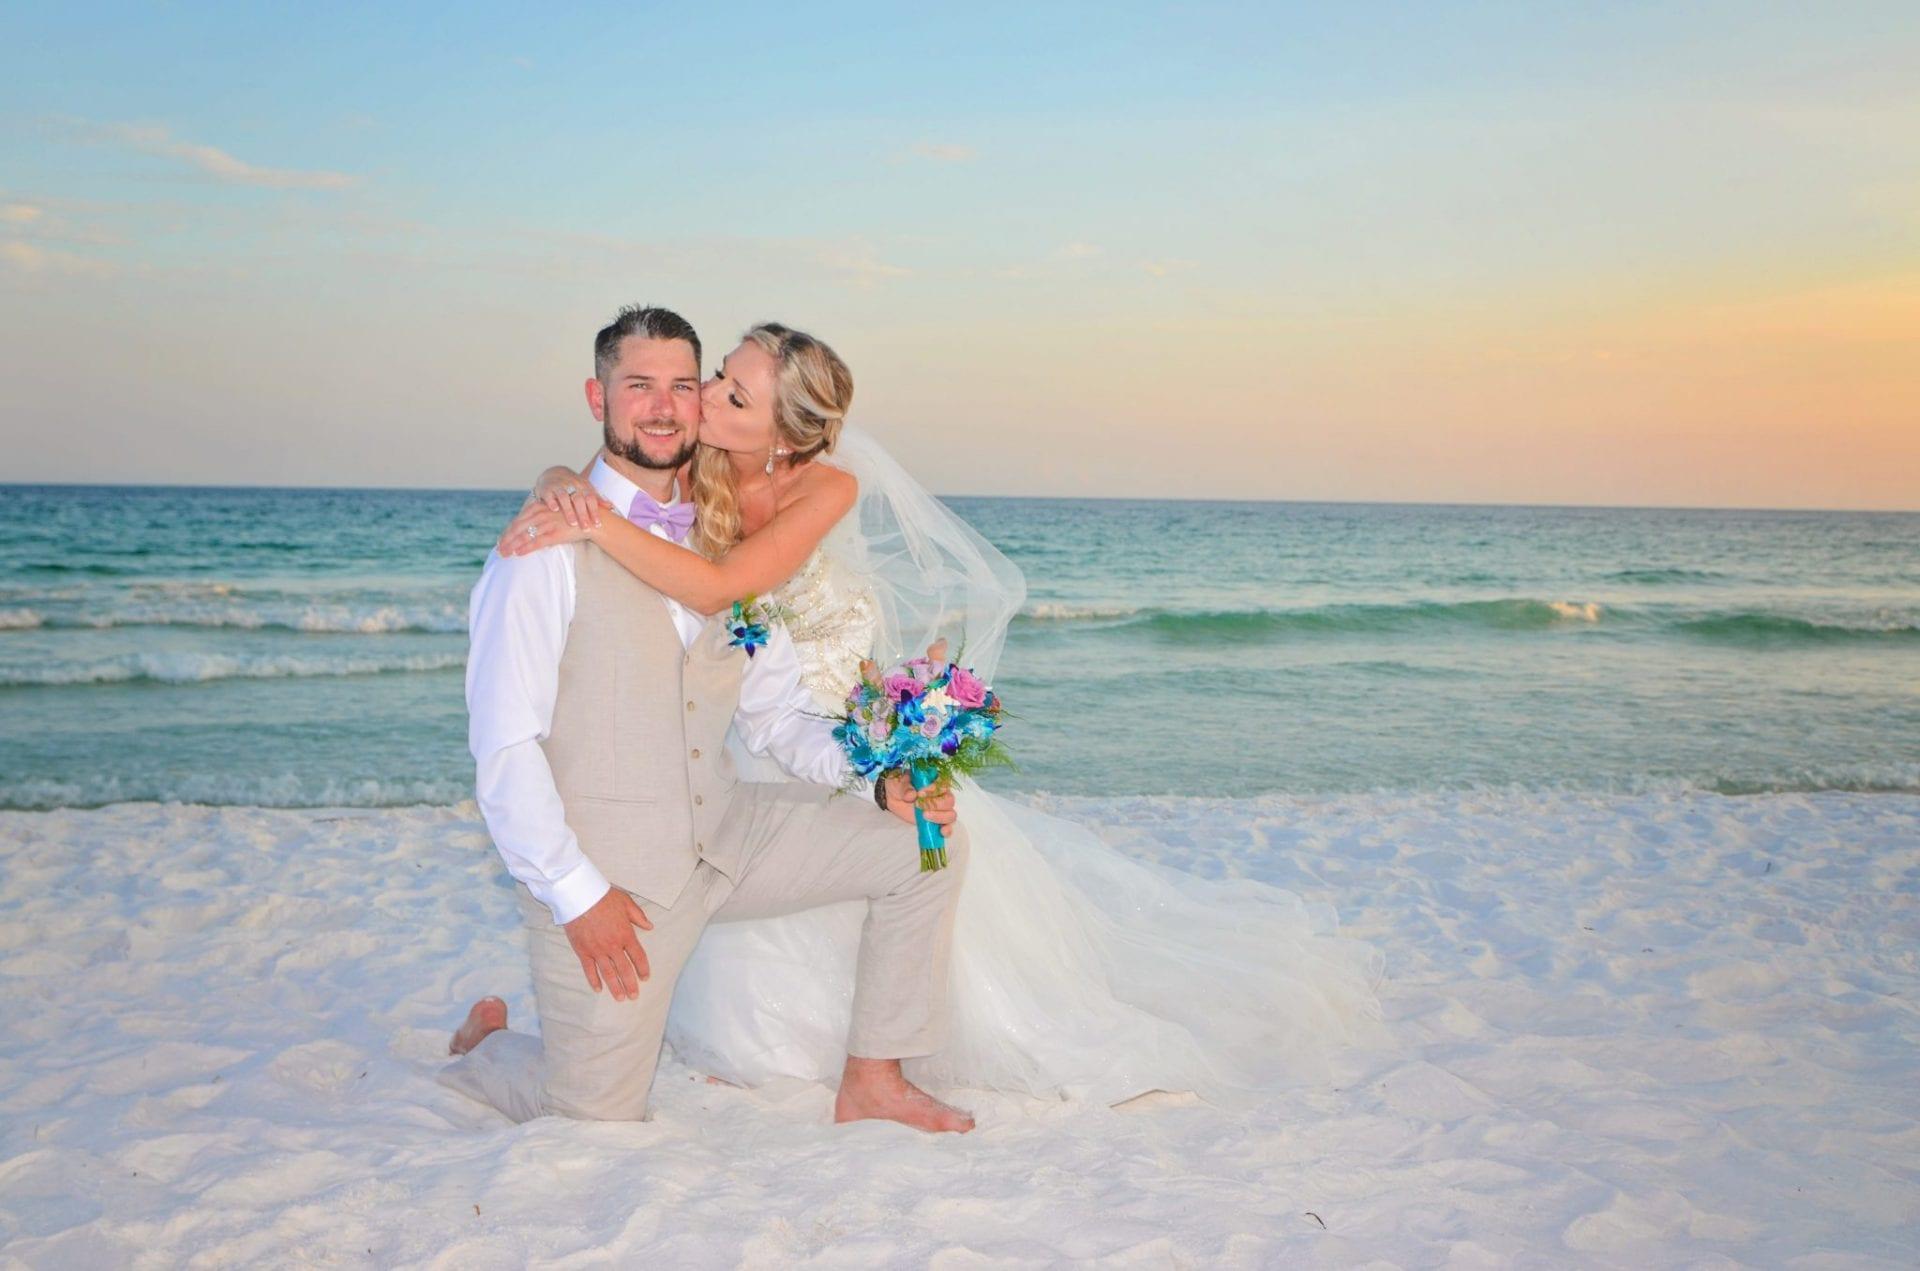 Bride kissing kneeling groom on beach